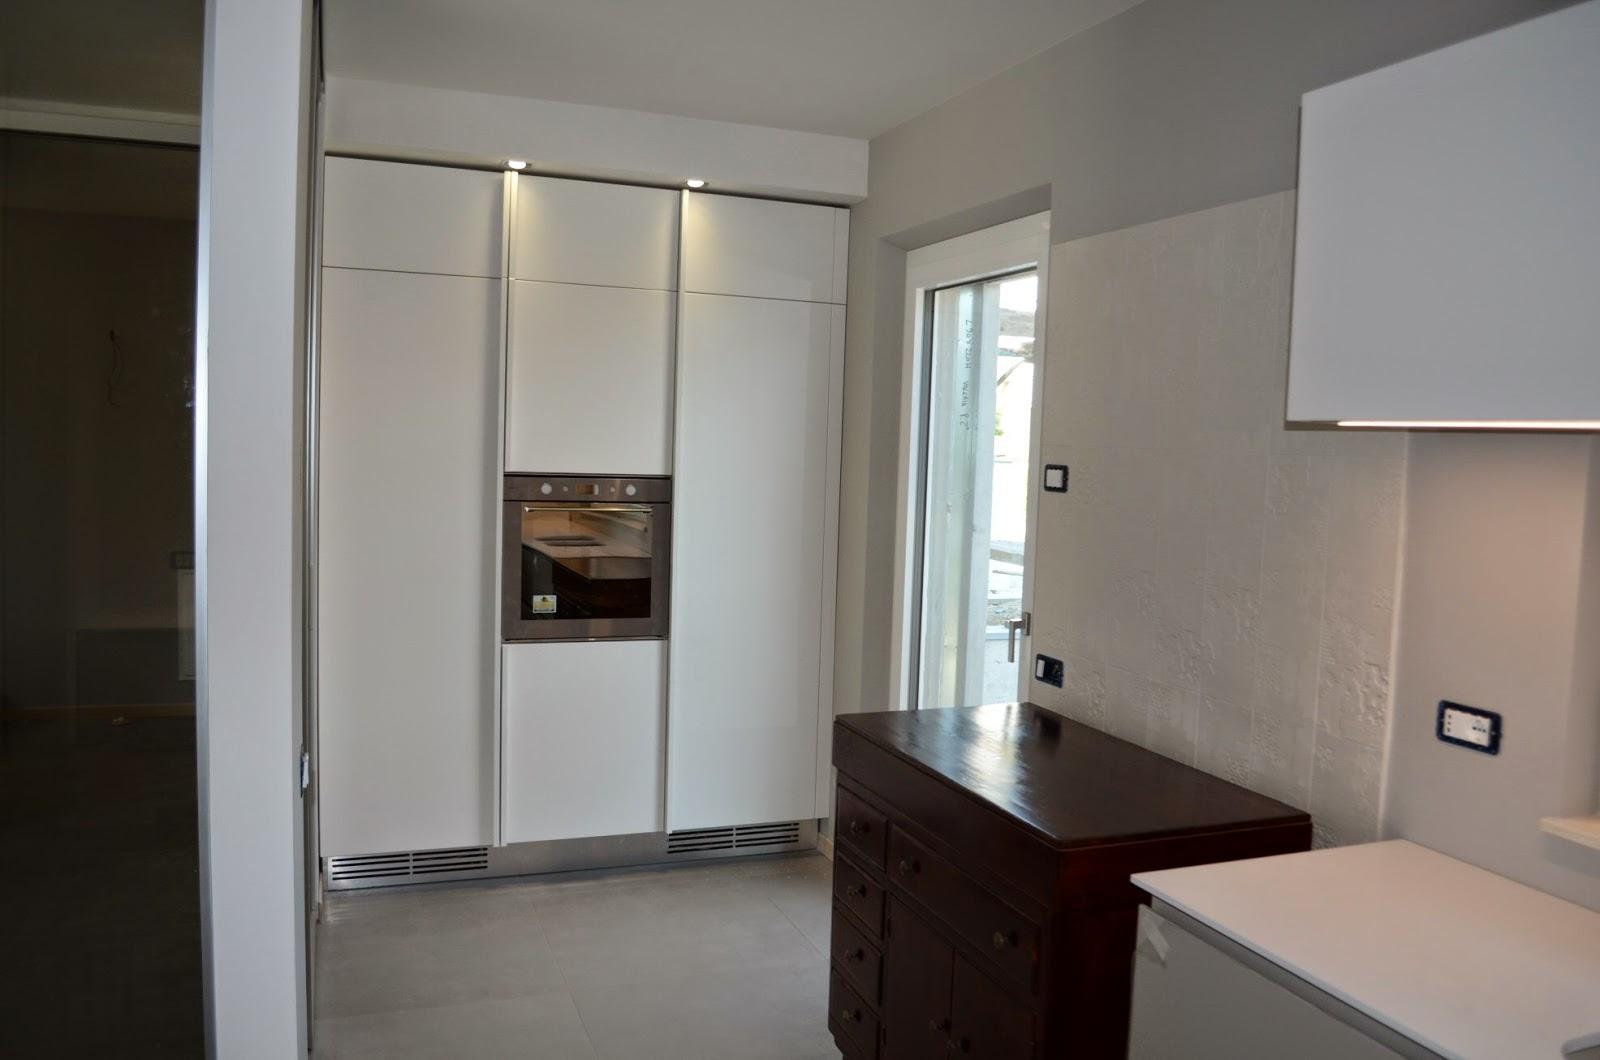 Casa delle ginestre porte e mobili for A cucina ra nonna